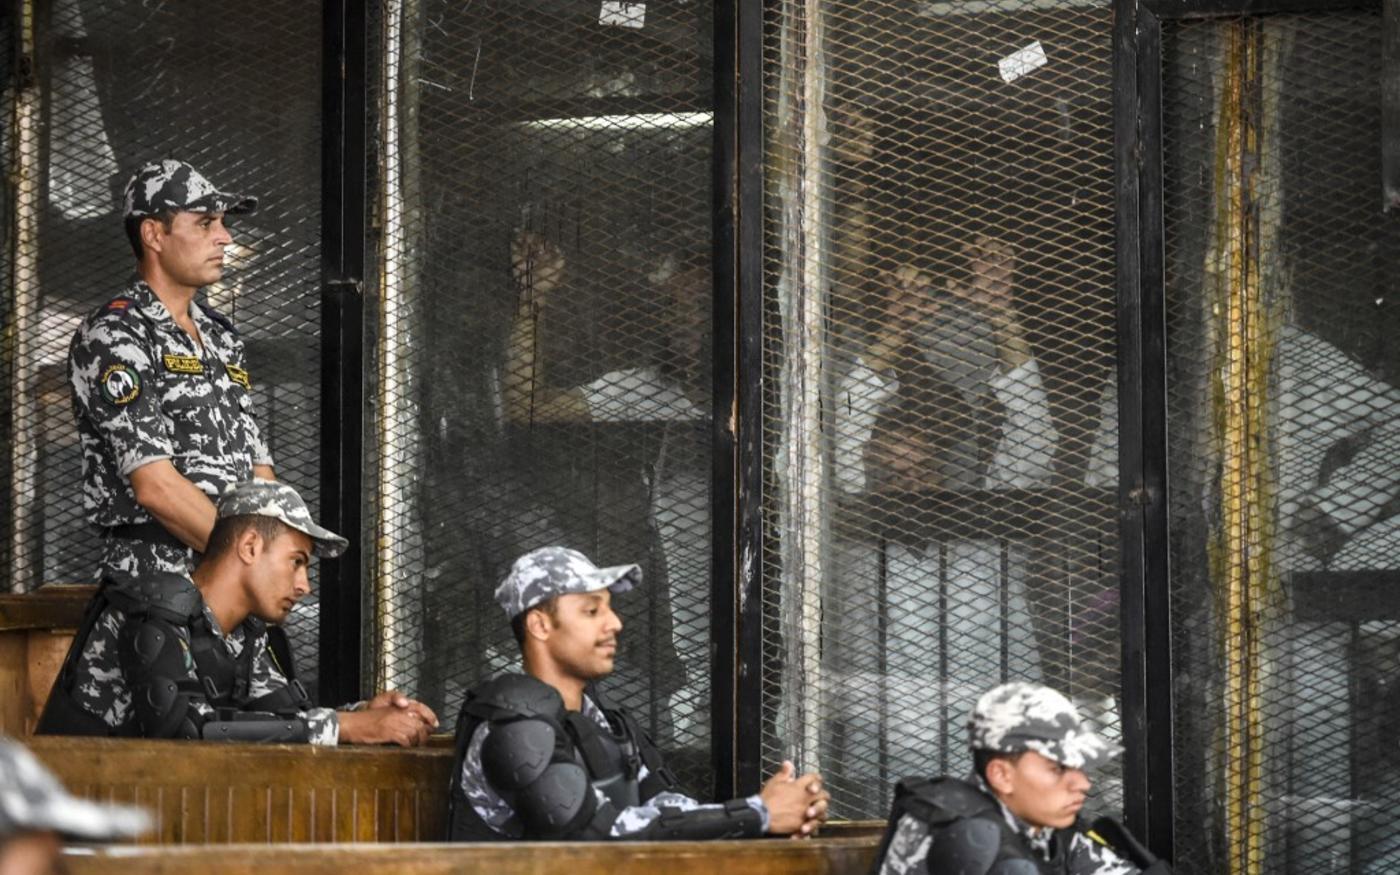 Des membres des Frères musulmans d'Égypte sont aperçus derrière des grillages et des vitres lors de leur procès en2018 au Caire (AFP)